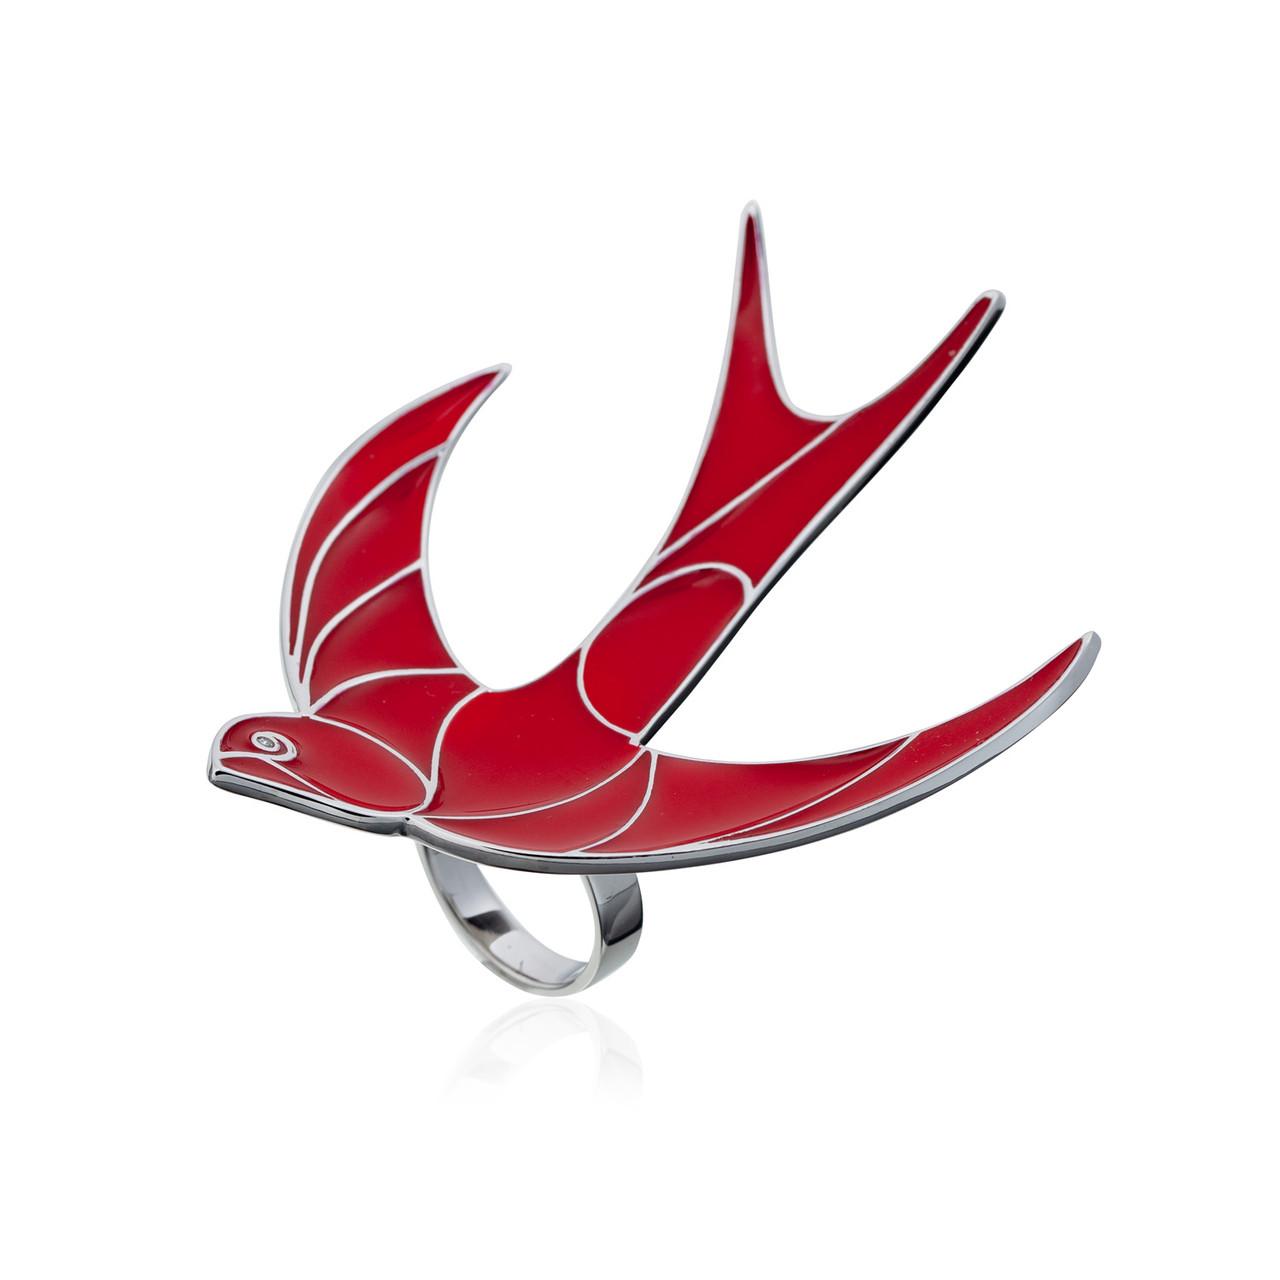 Серебряное кольцо Ласточка, вставка красная эмаль, фианит, размер: 18 рр, вес: 26 гр, покрытие родий